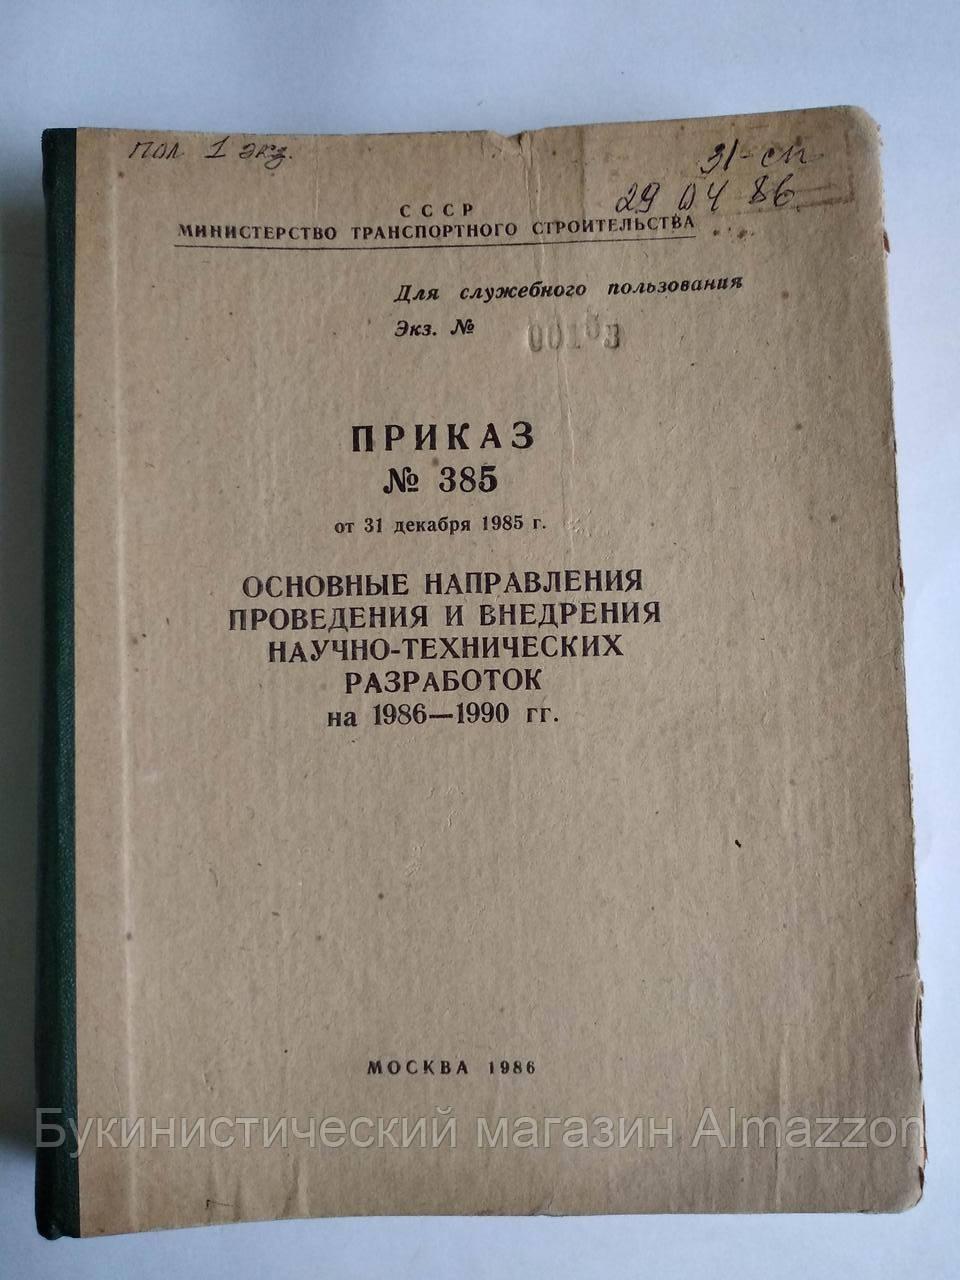 Приказ 385 Основные направления проведения и внедрения научно-технических разработок 31.12.1985